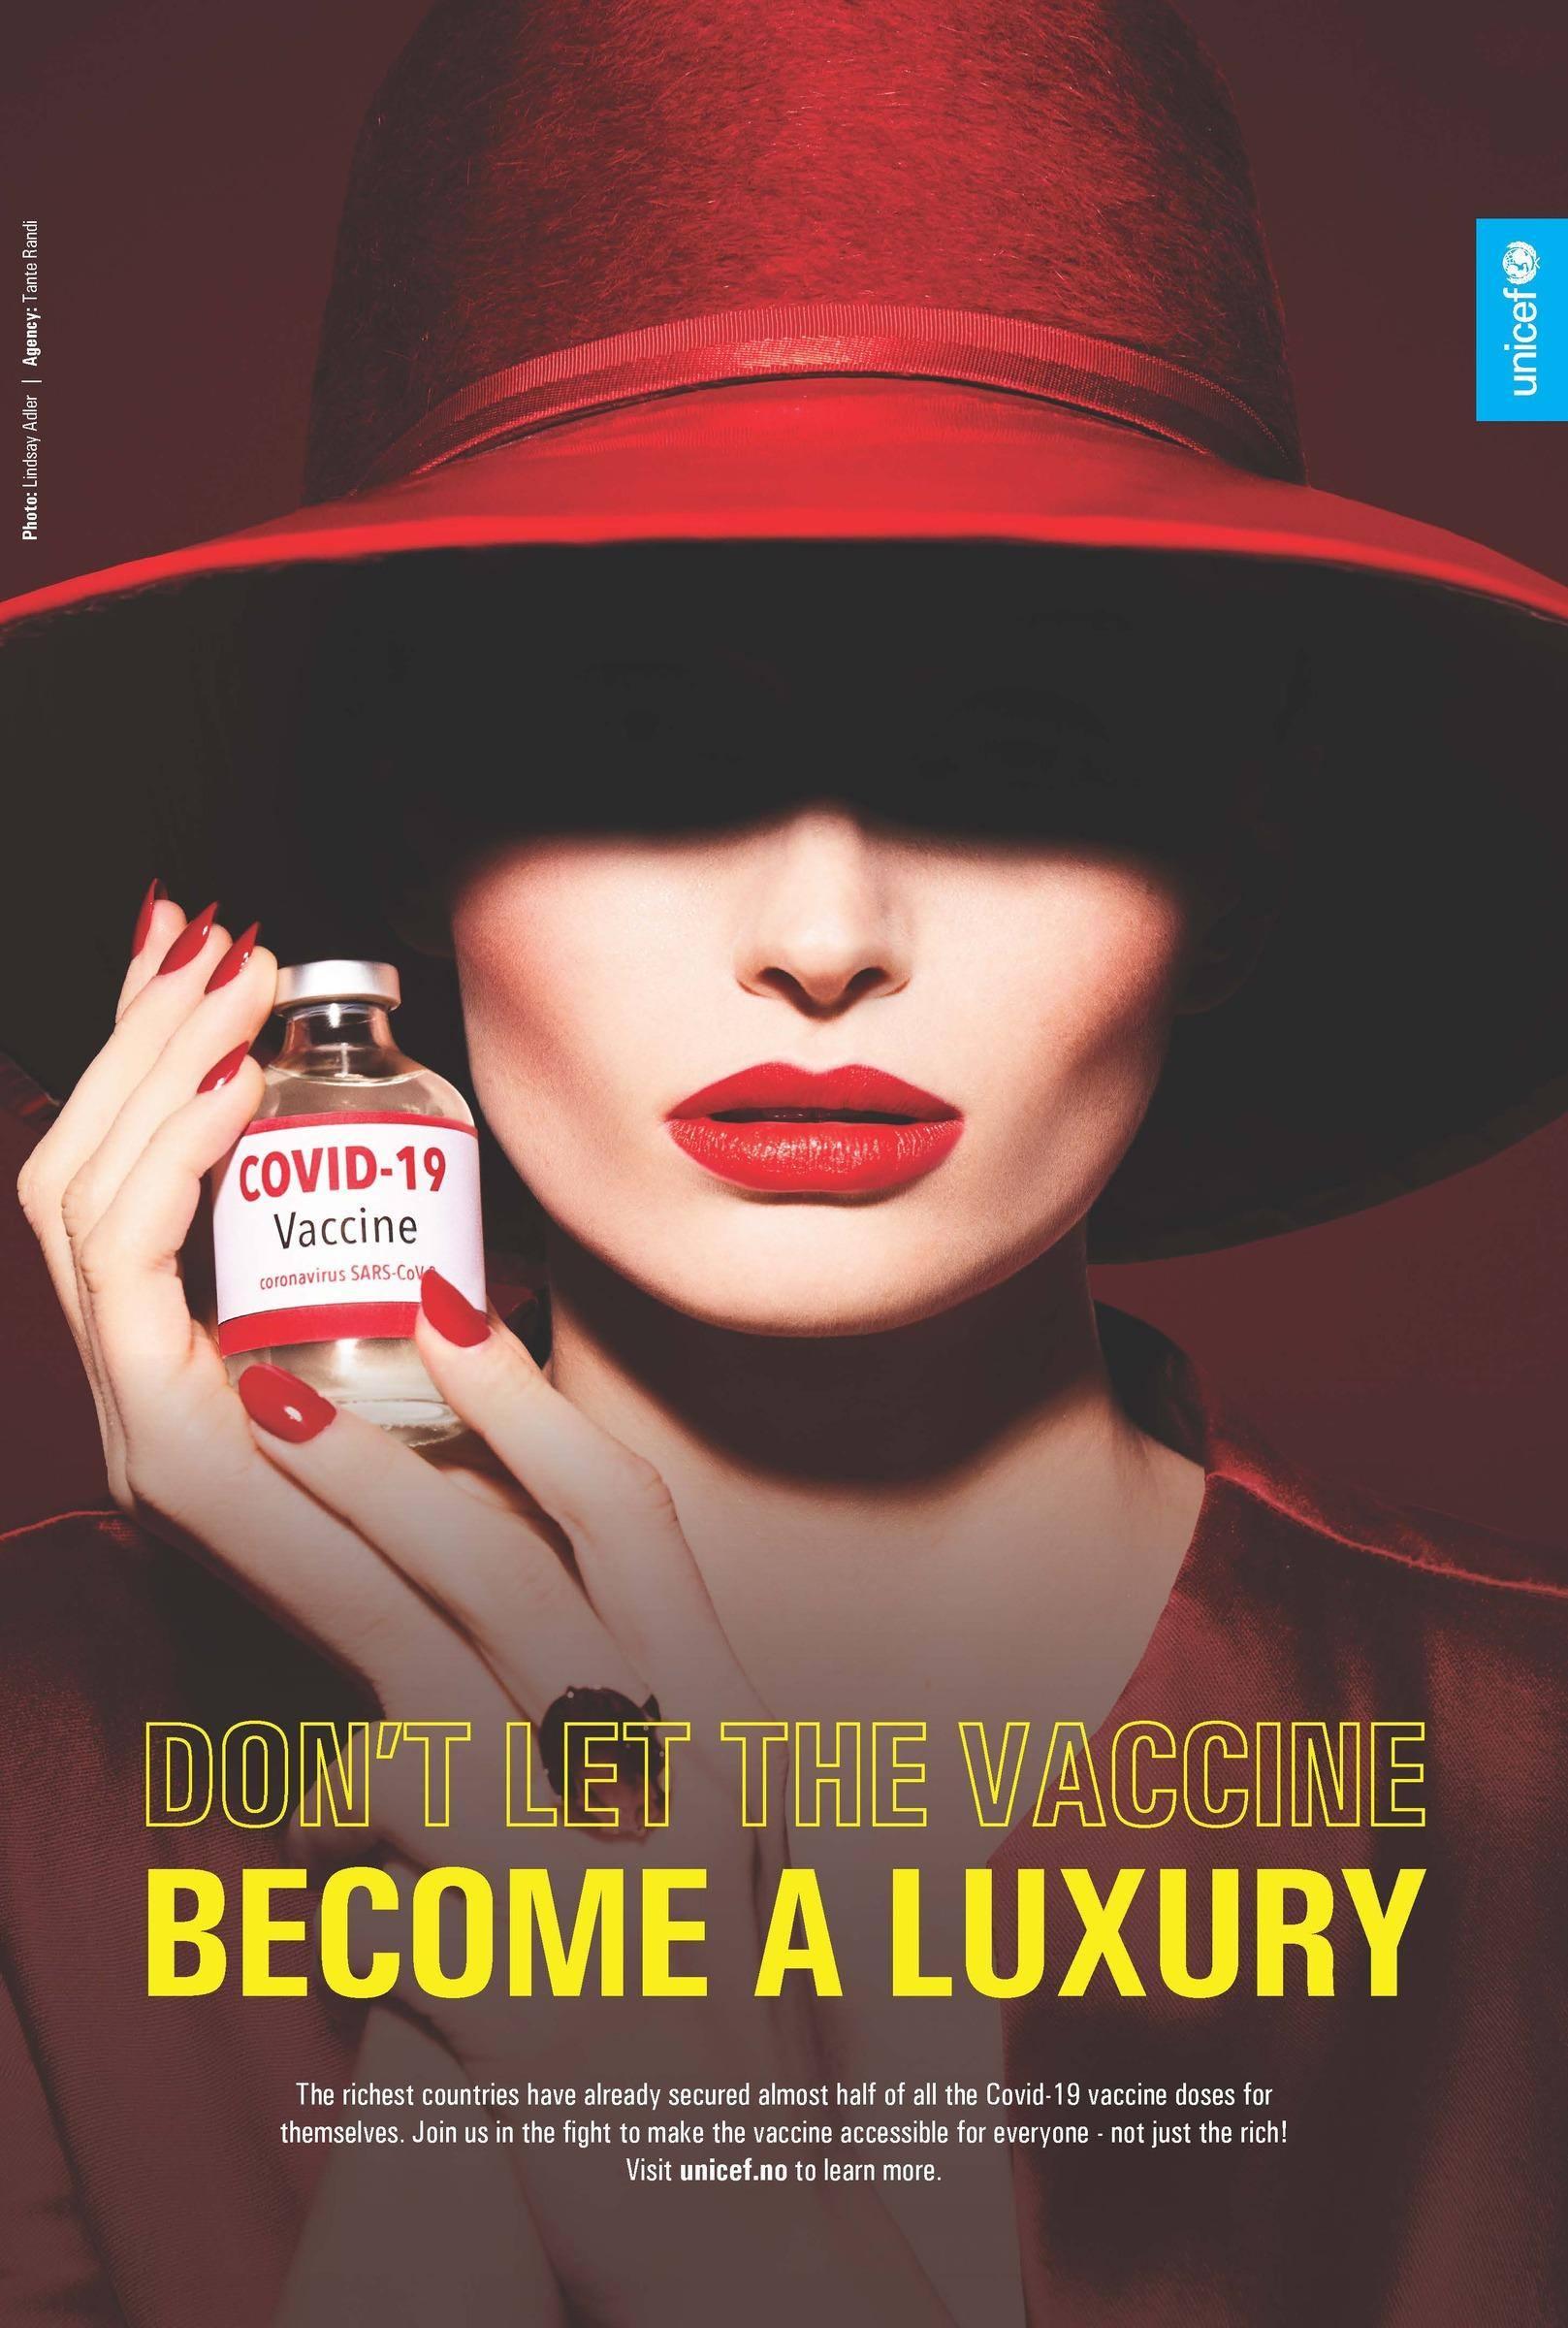 """โฆษณาจาก Unicef วอน """"อย่าให้วัคซีนโควิด-19 กลายเป็นสิ่งที่คนทั่วไปเอื้อมไม่ถึง"""""""